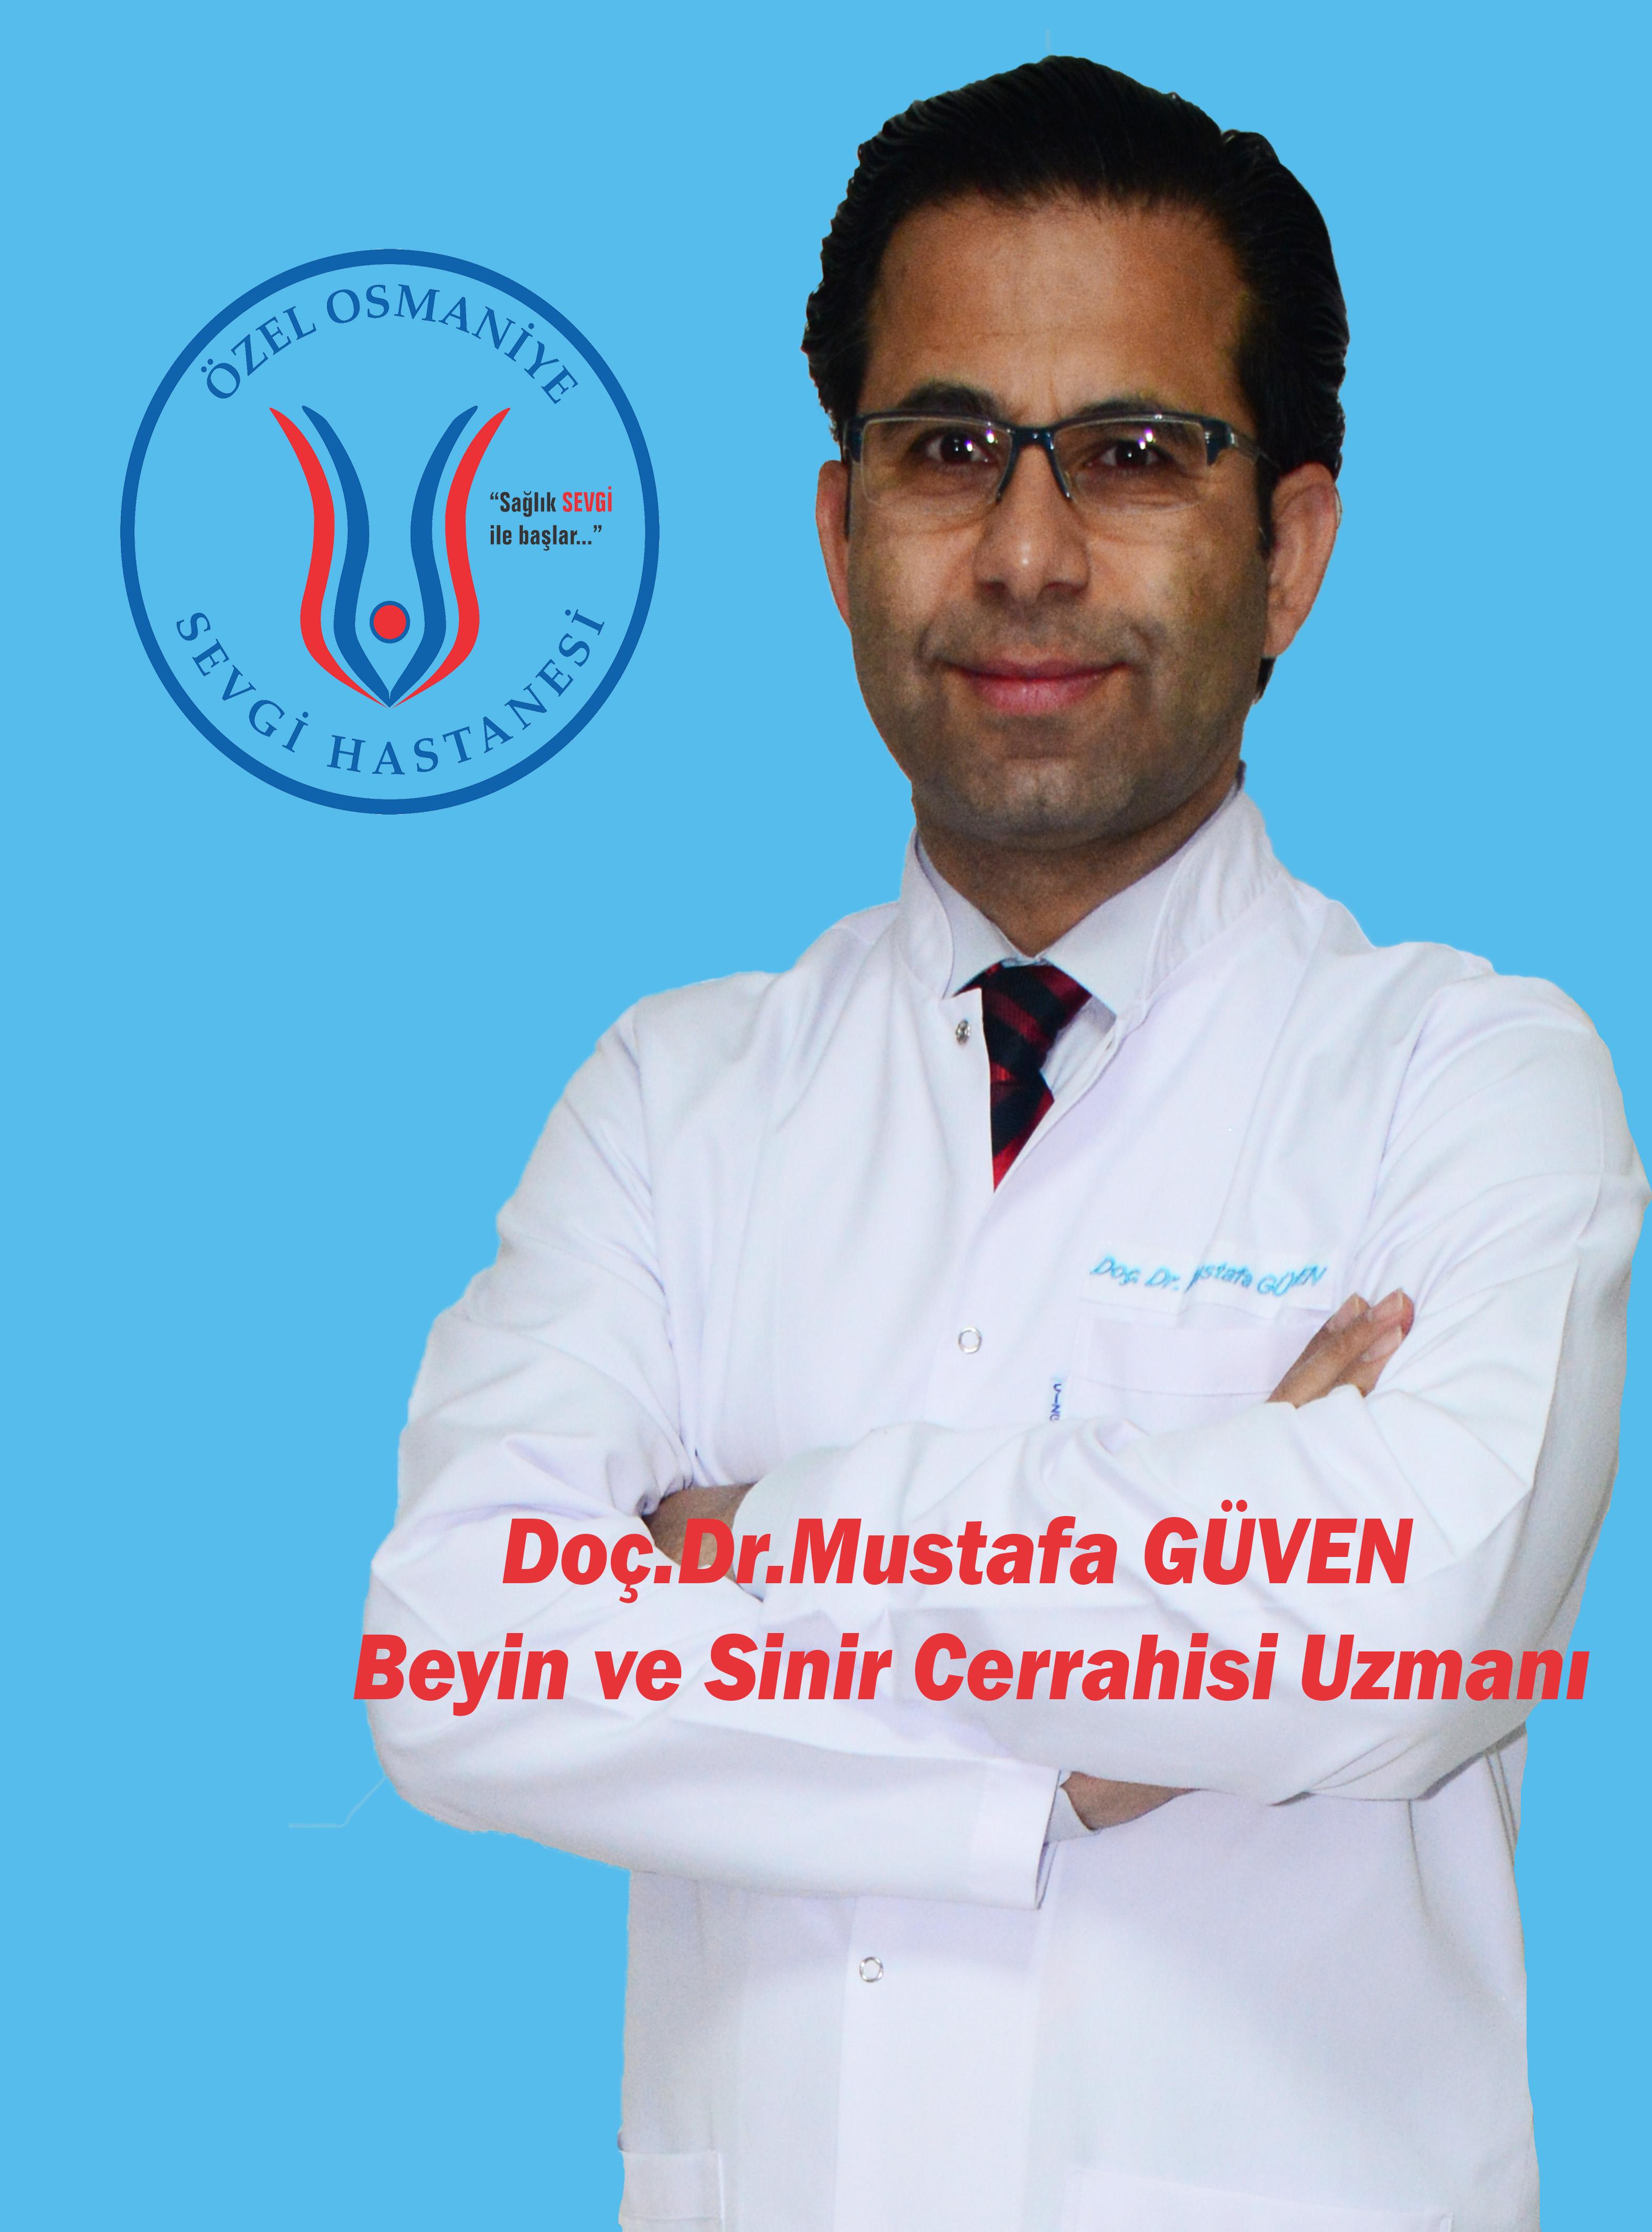 Doç. Dr. Mustafa GÜVEN / Beyin ve Sinir Cerrahisi Uzmanı